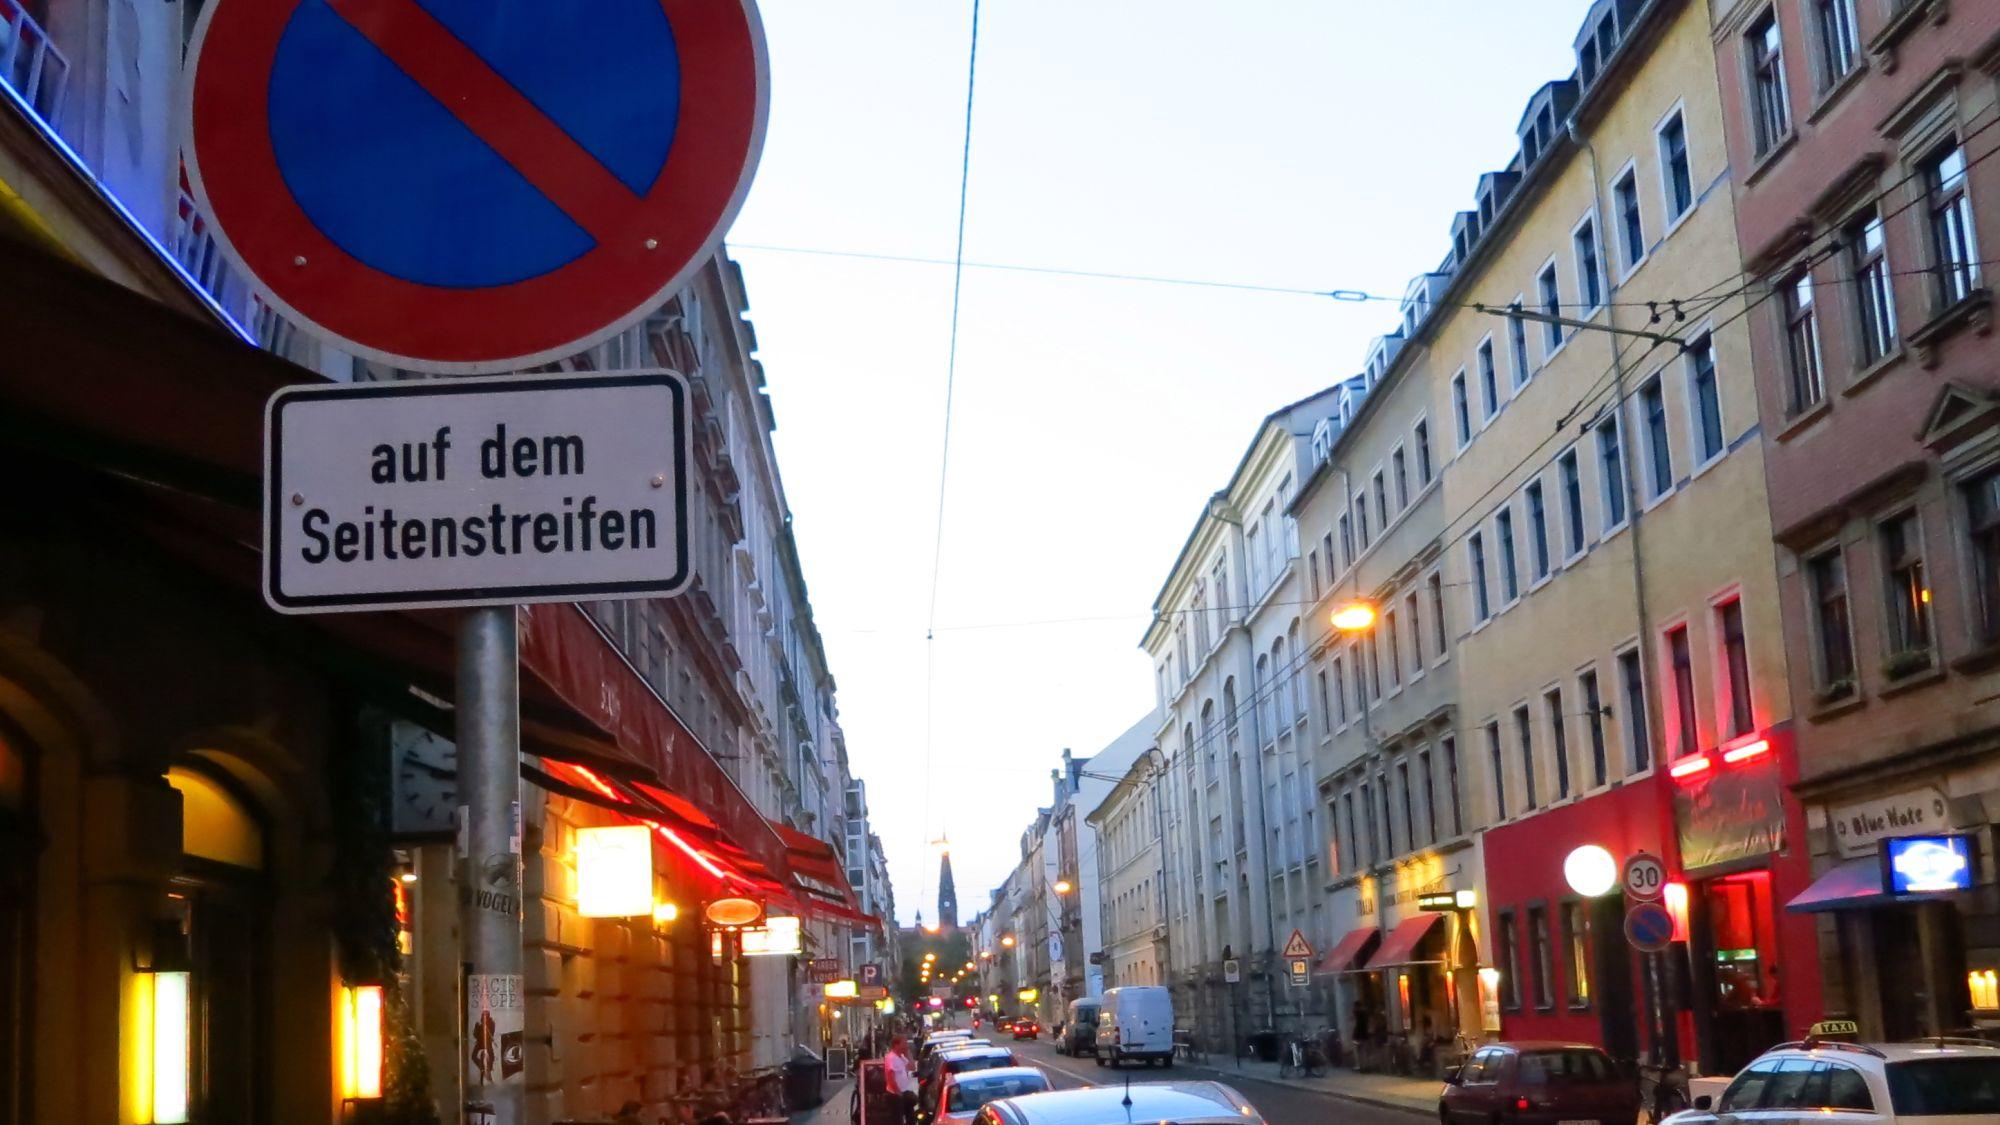 Parken verboten - ab dem Lebo ist's dann erlaubt.